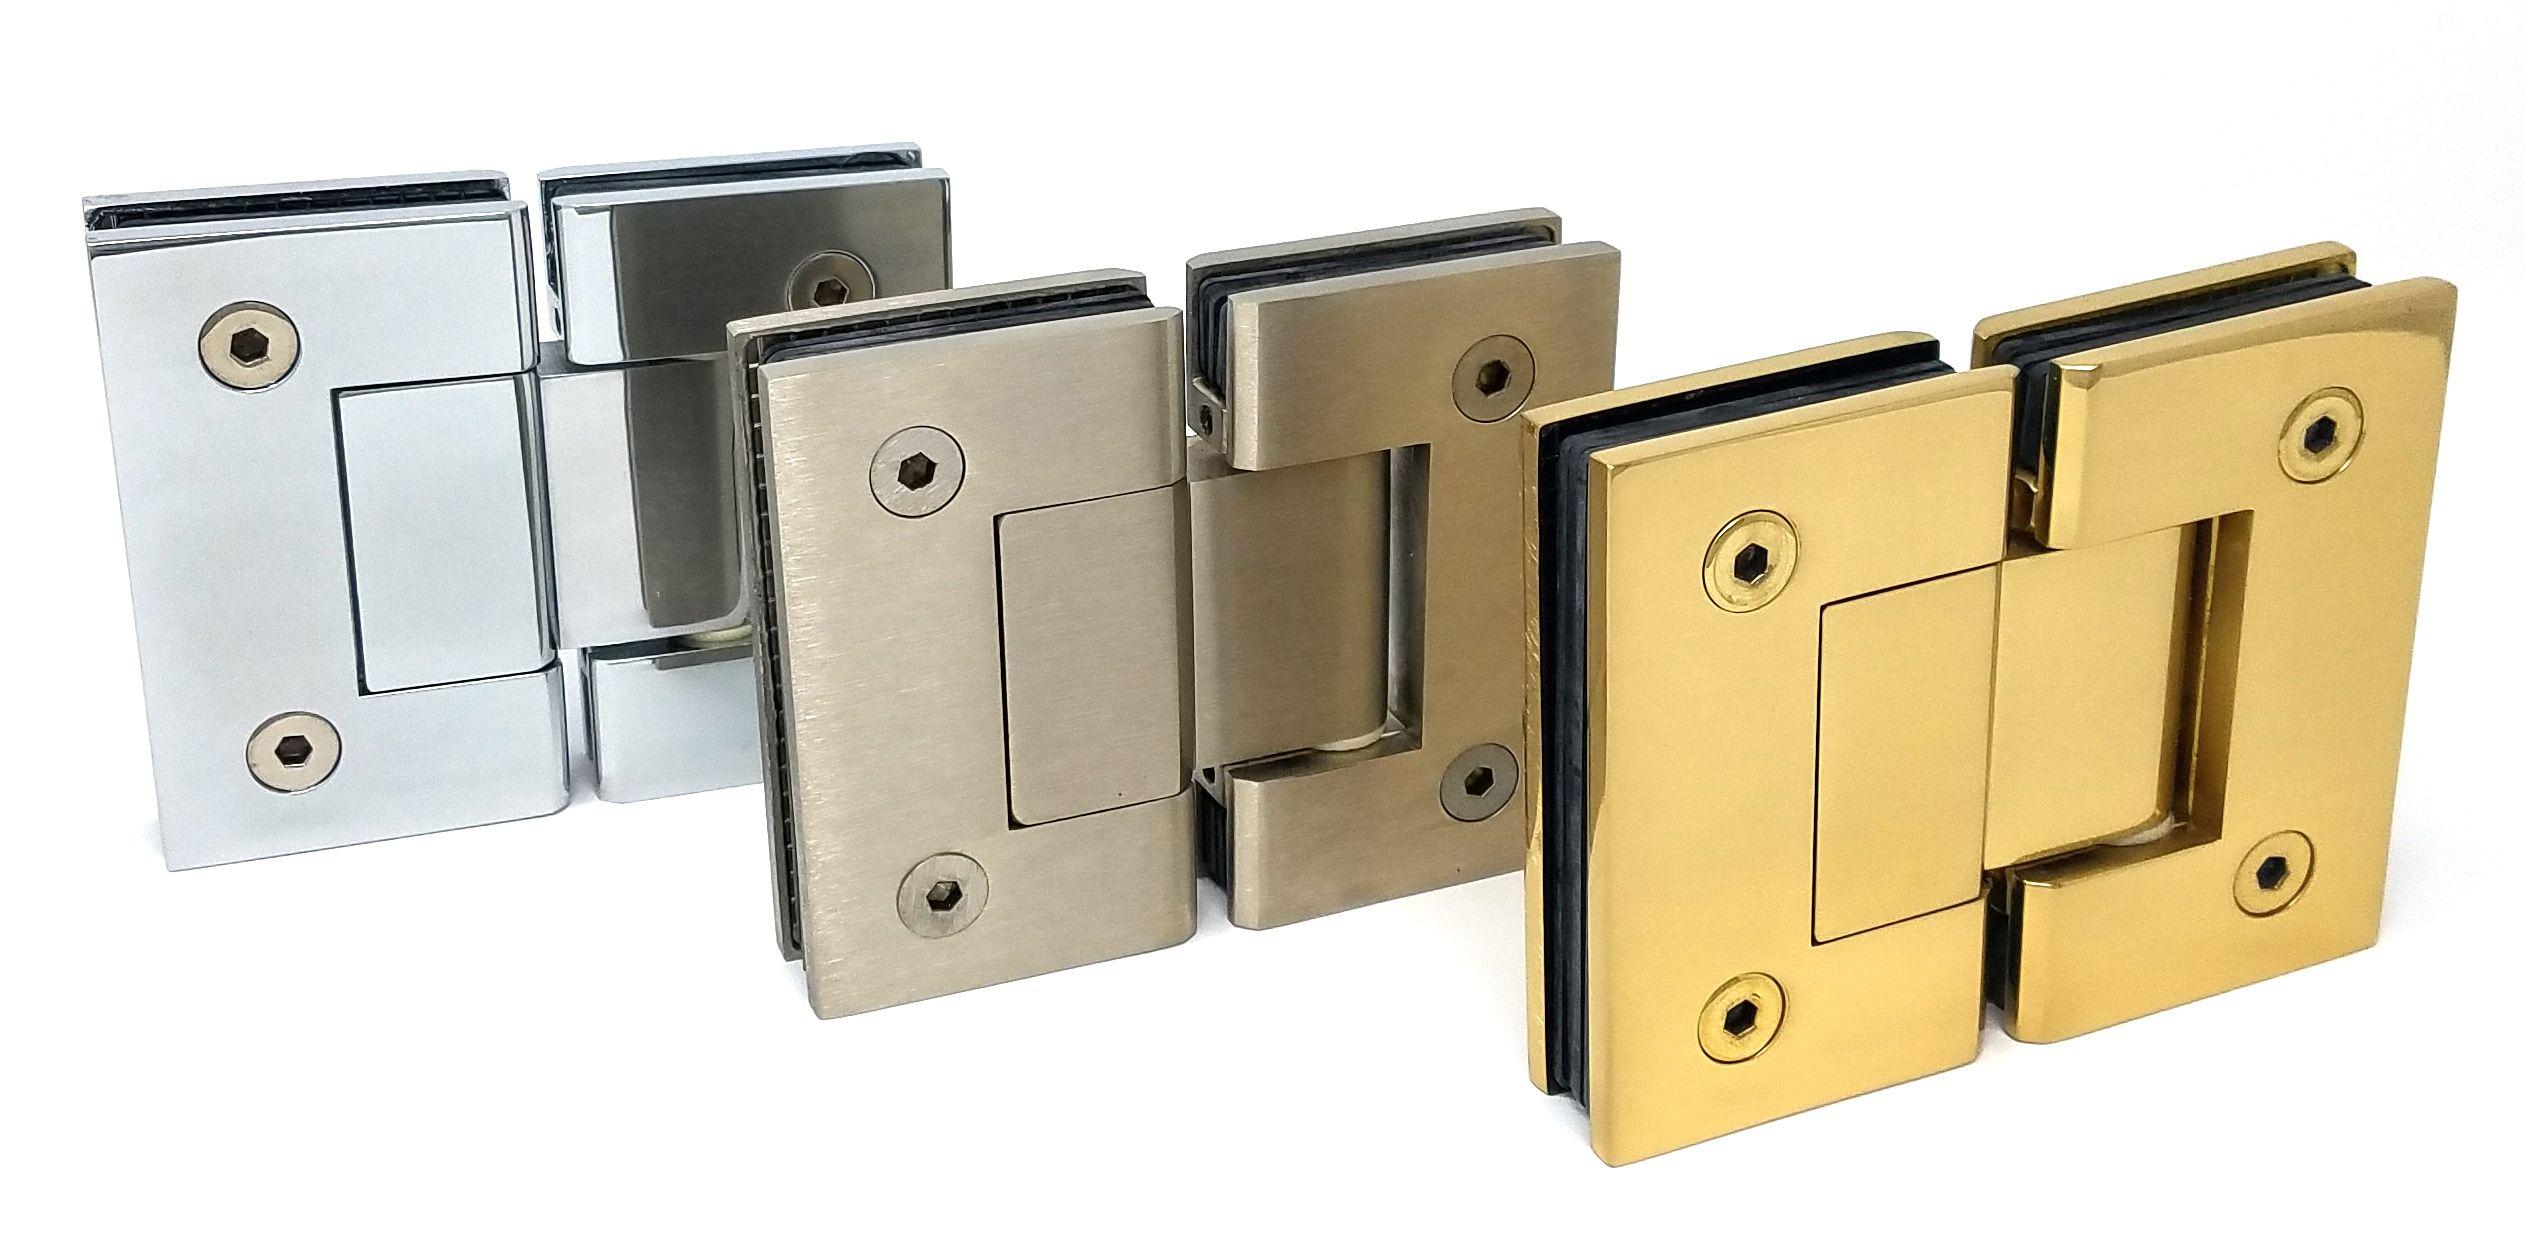 180 Glass To Glass Hinge Glass Hinges Glass Shower Door Hinge Shower Door Hardware